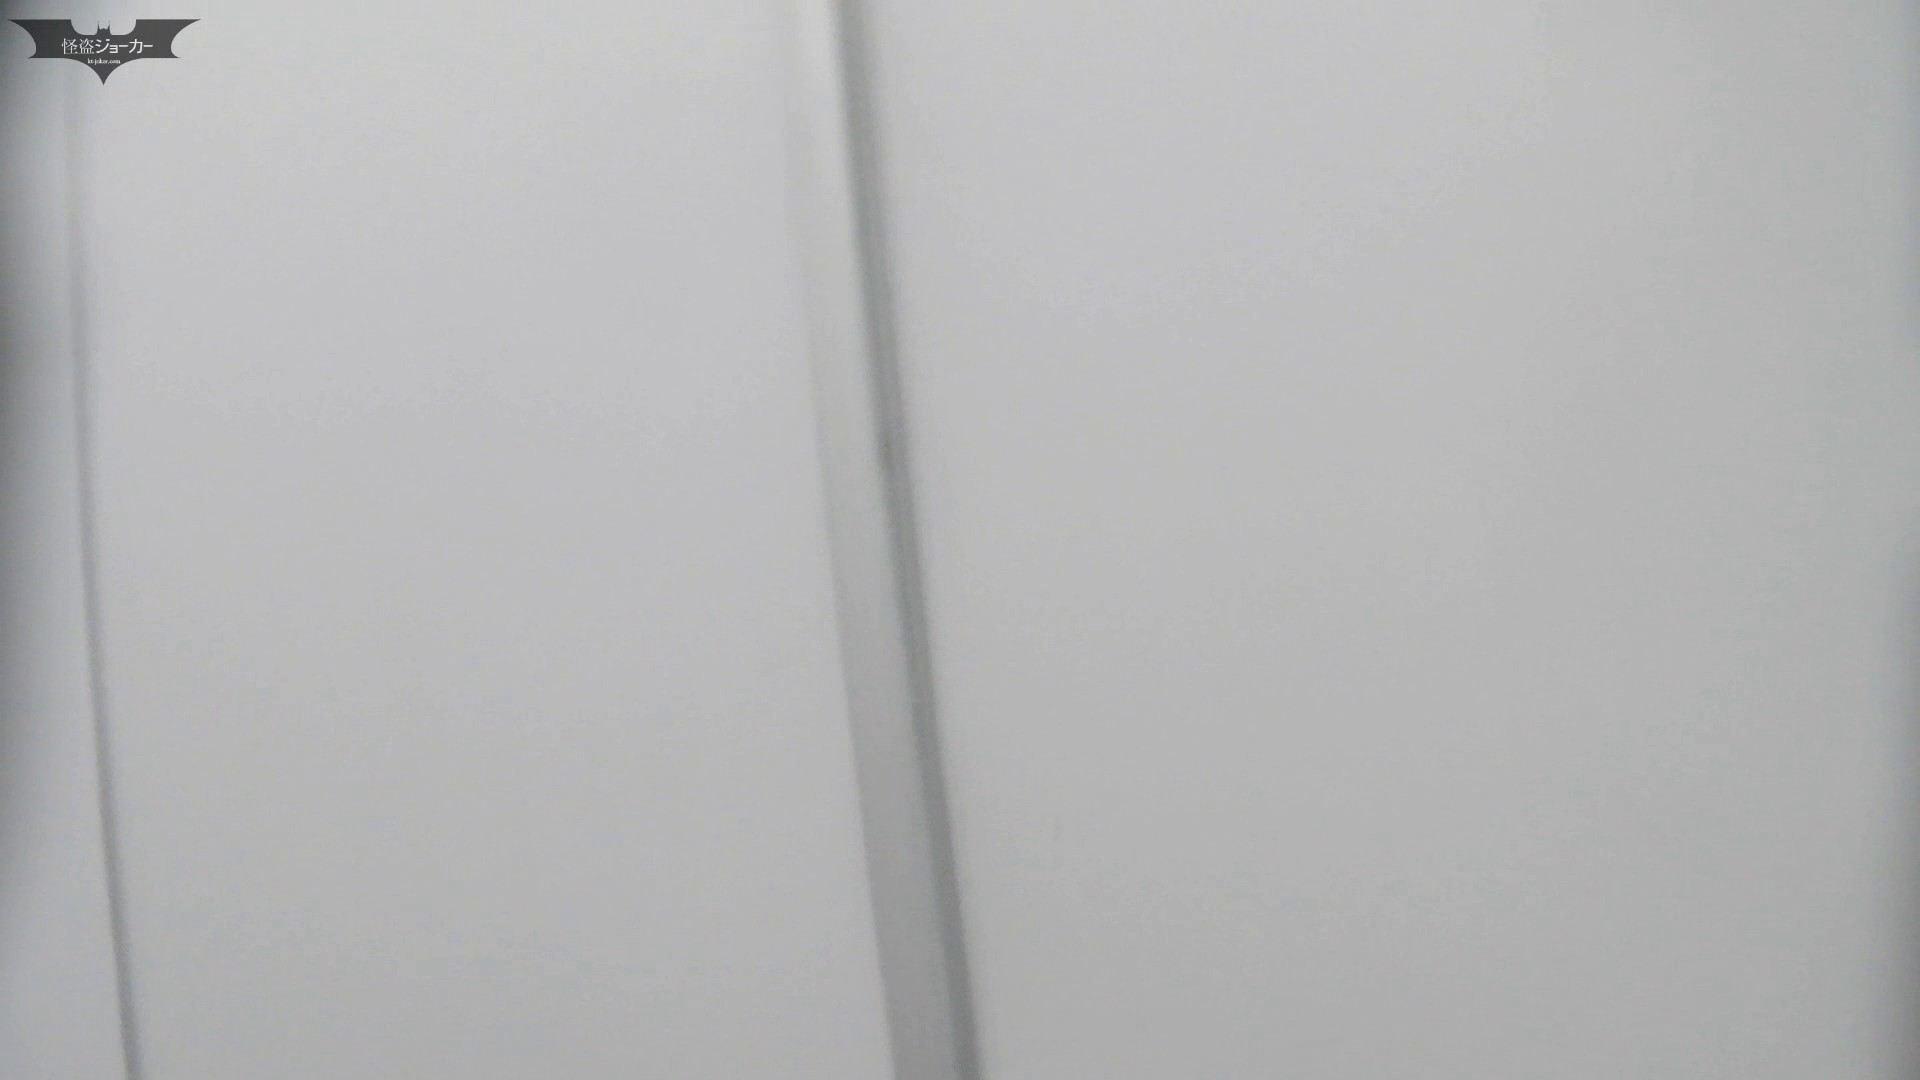 下からノゾム vol.015 これがいわゆる「タ・ラ・コ」唇ってやつですね。 高画質動画 おめこ無修正画像 43画像 23